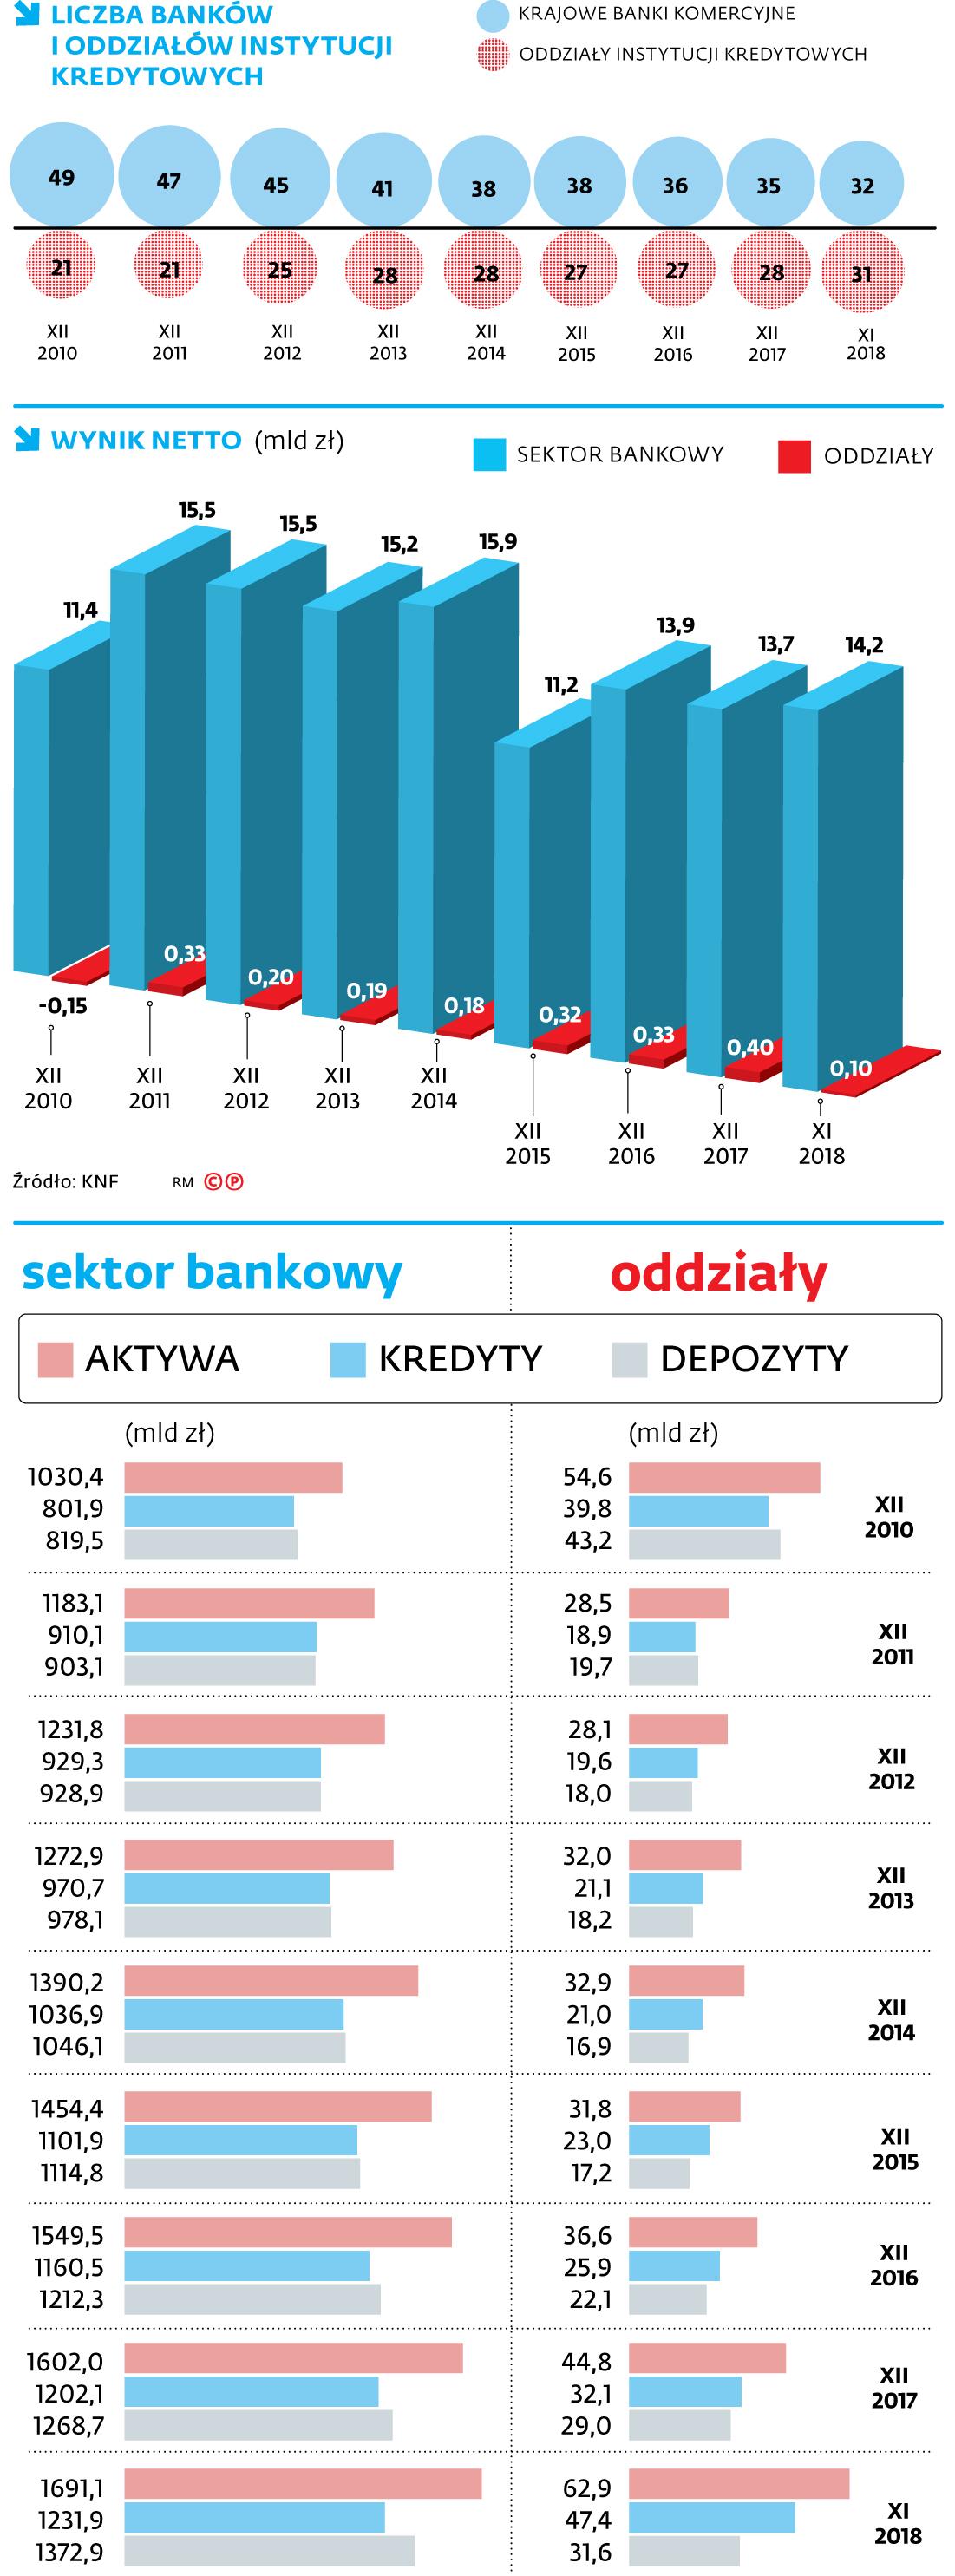 Struktura rynku bankowego